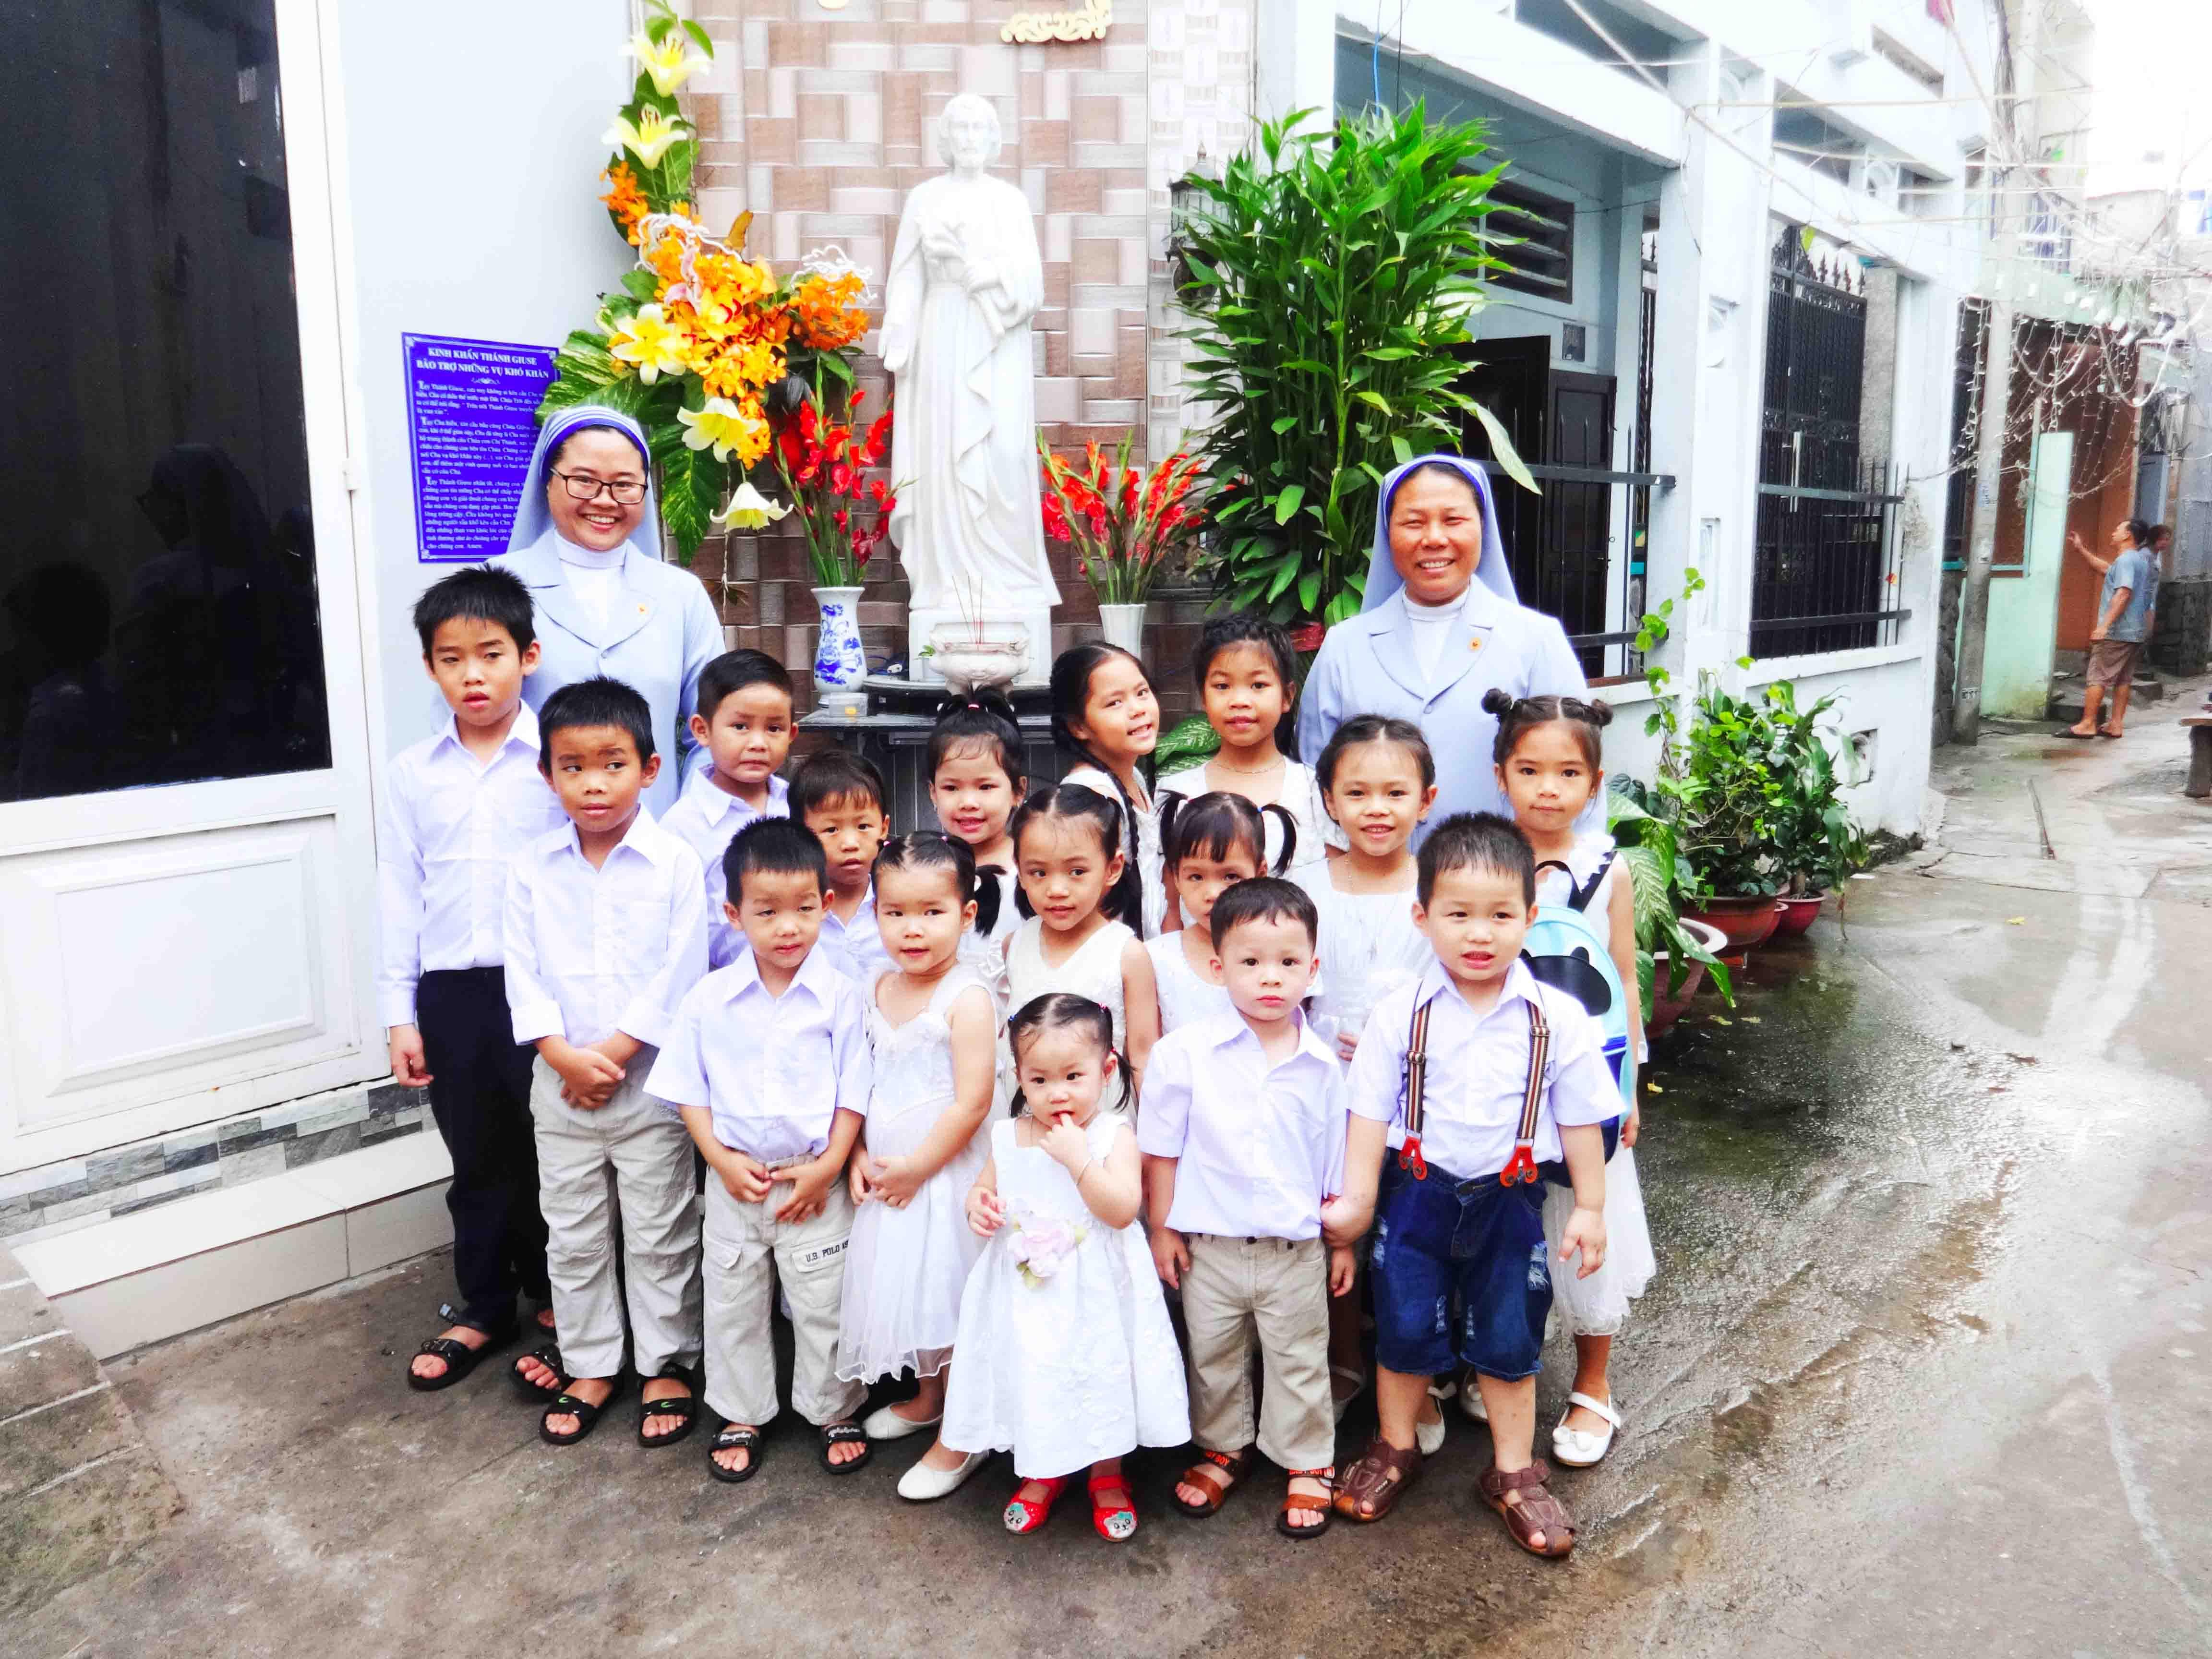 CỘNG ĐOÀN THÁNH MATTA (Gò Vấp, Sài Gòn) -     Mái Ấm Hướng Dương - Cô nhi viện và trung tâm bảo trợ trẻ em